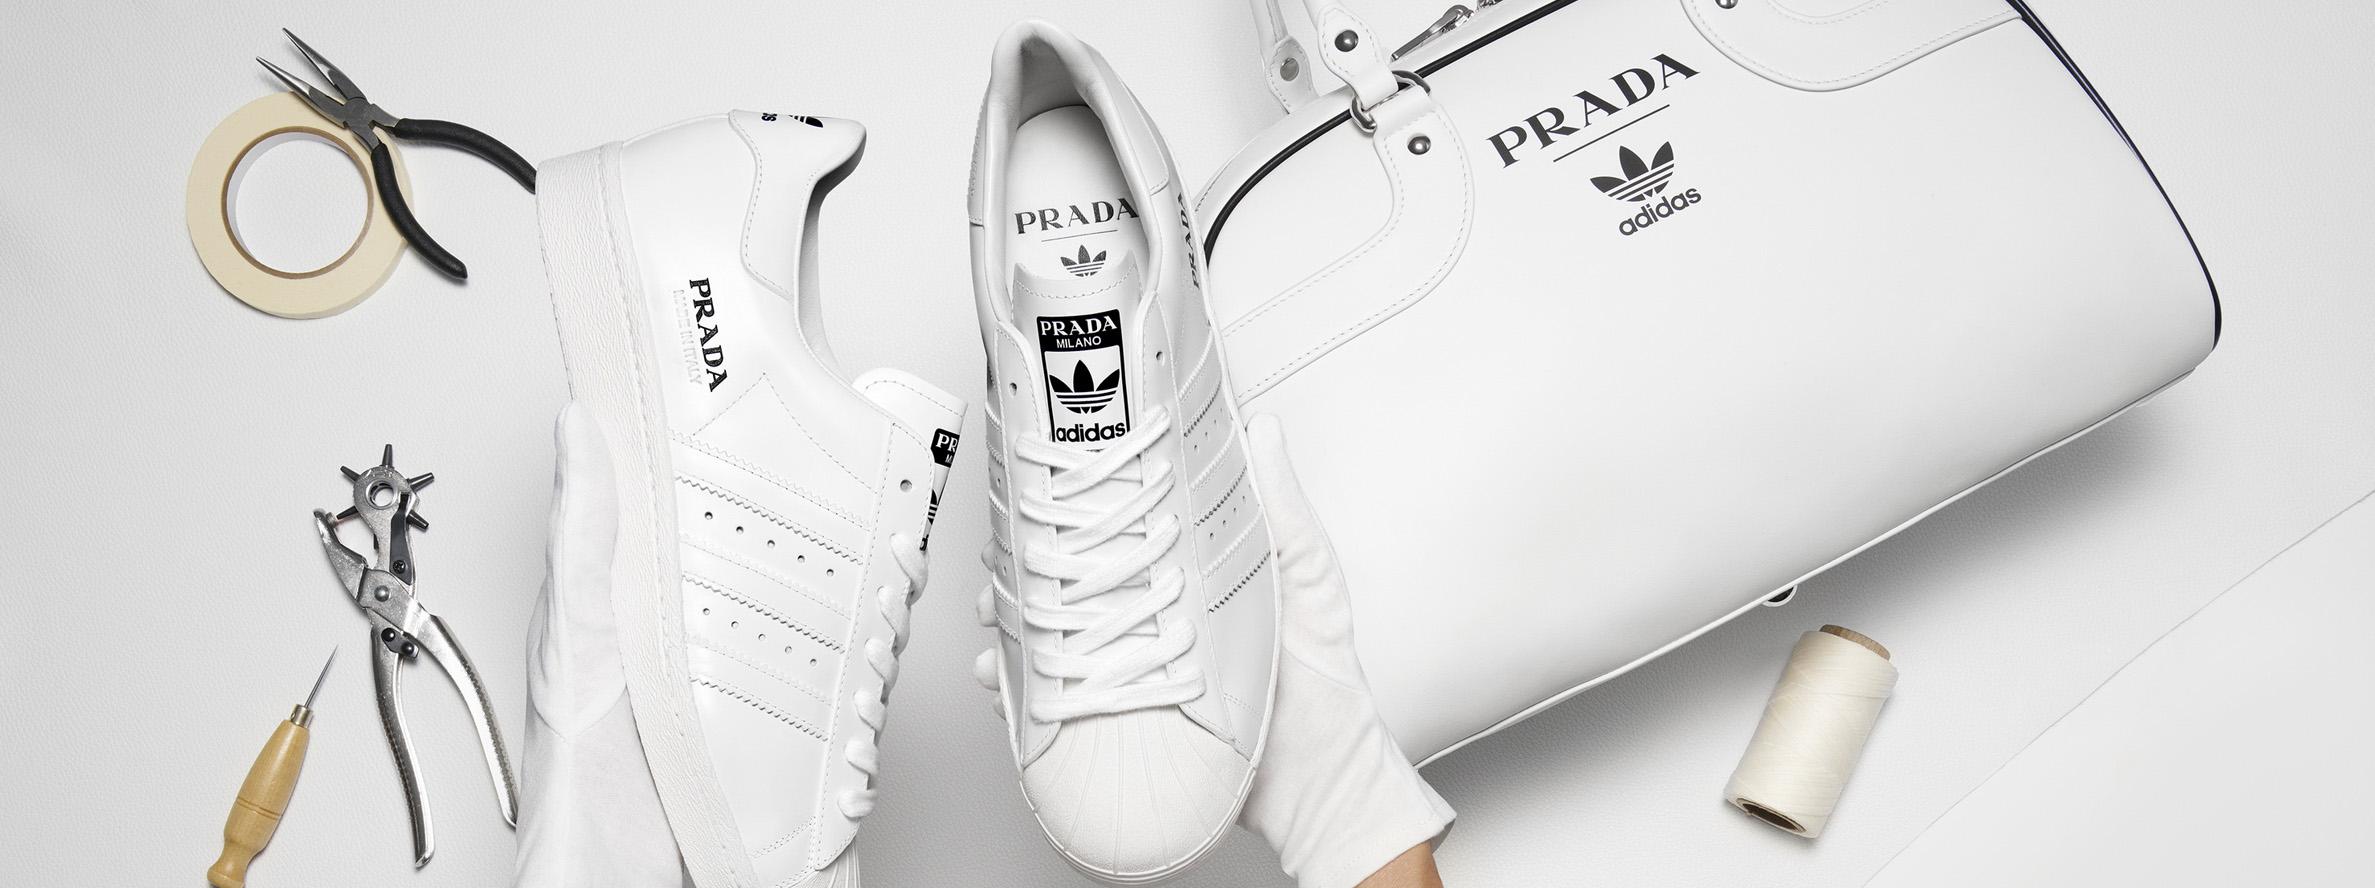 The secret inside Prada for adidas Limited Edition ZOE